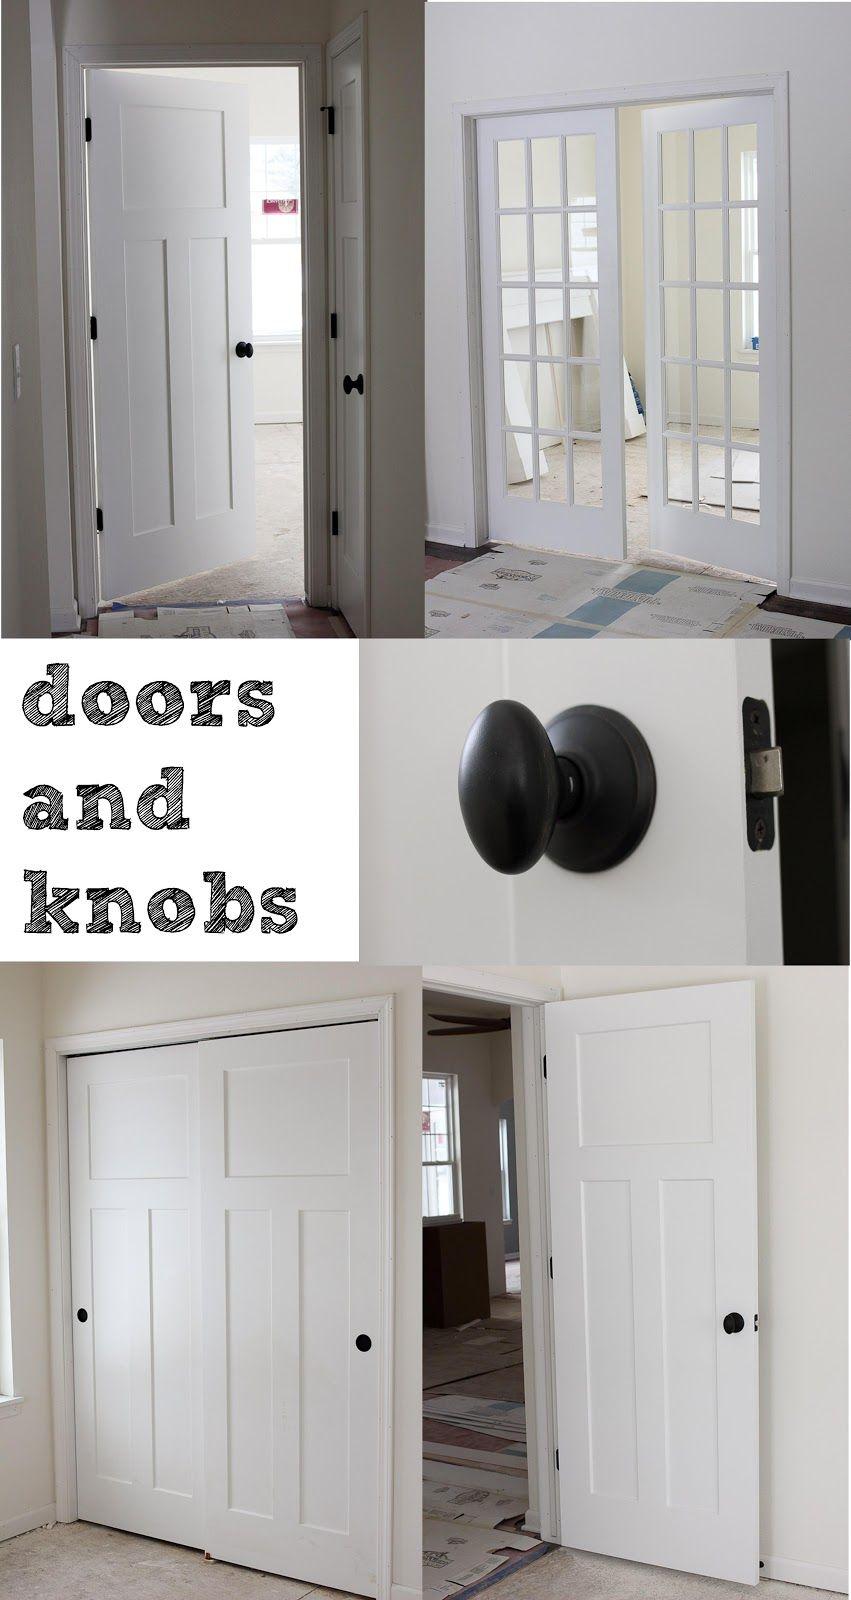 3 panel doors and oil rubbed bronze doorknobs lot 23 day - Oil rubbed bronze interior door handles ...